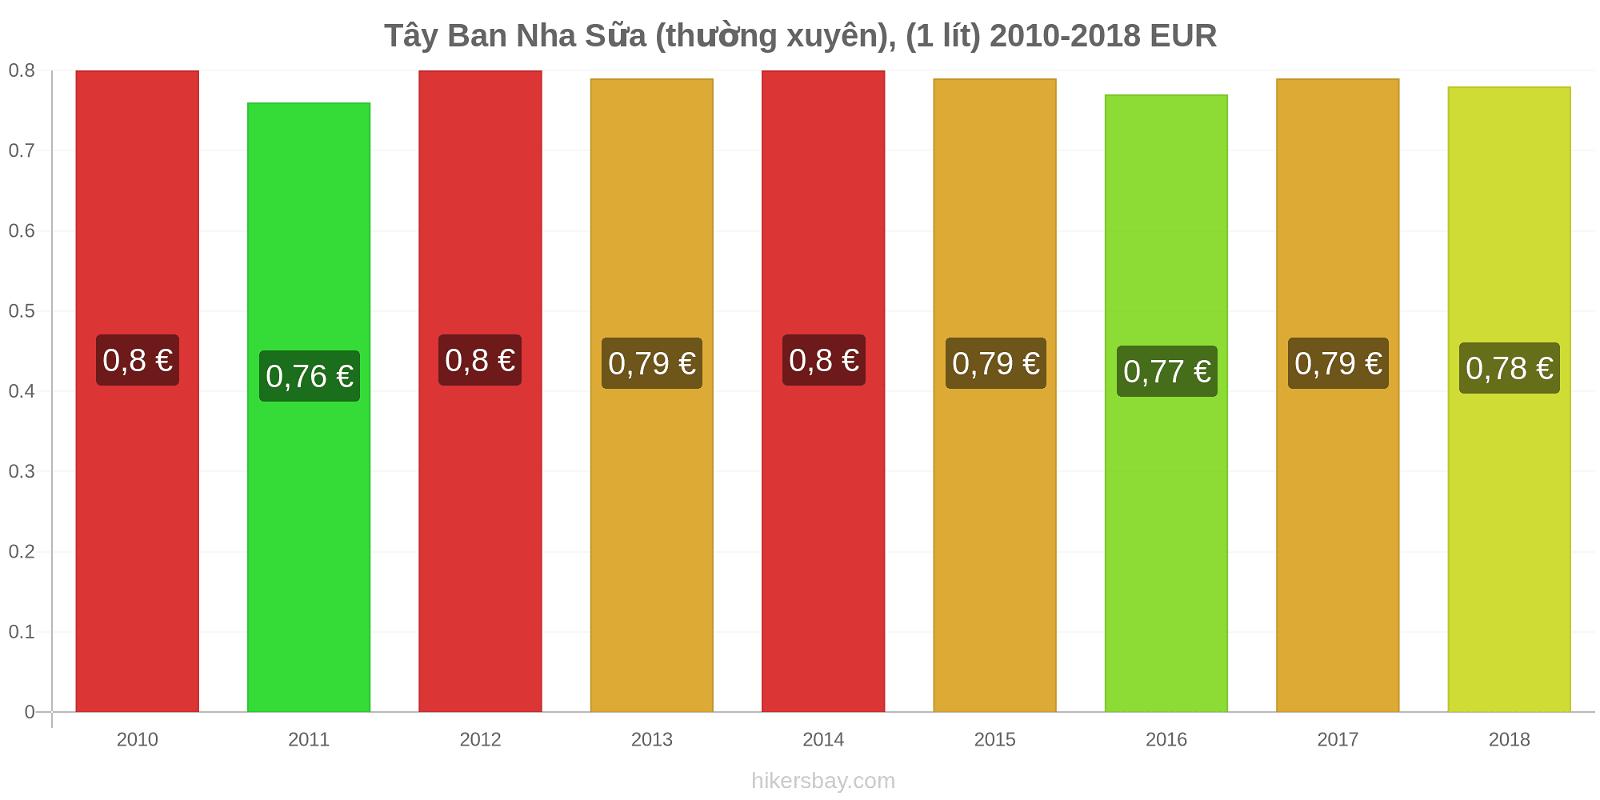 Tây Ban Nha thay đổi giá Sữa (thường xuyên), (1 lít) hikersbay.com